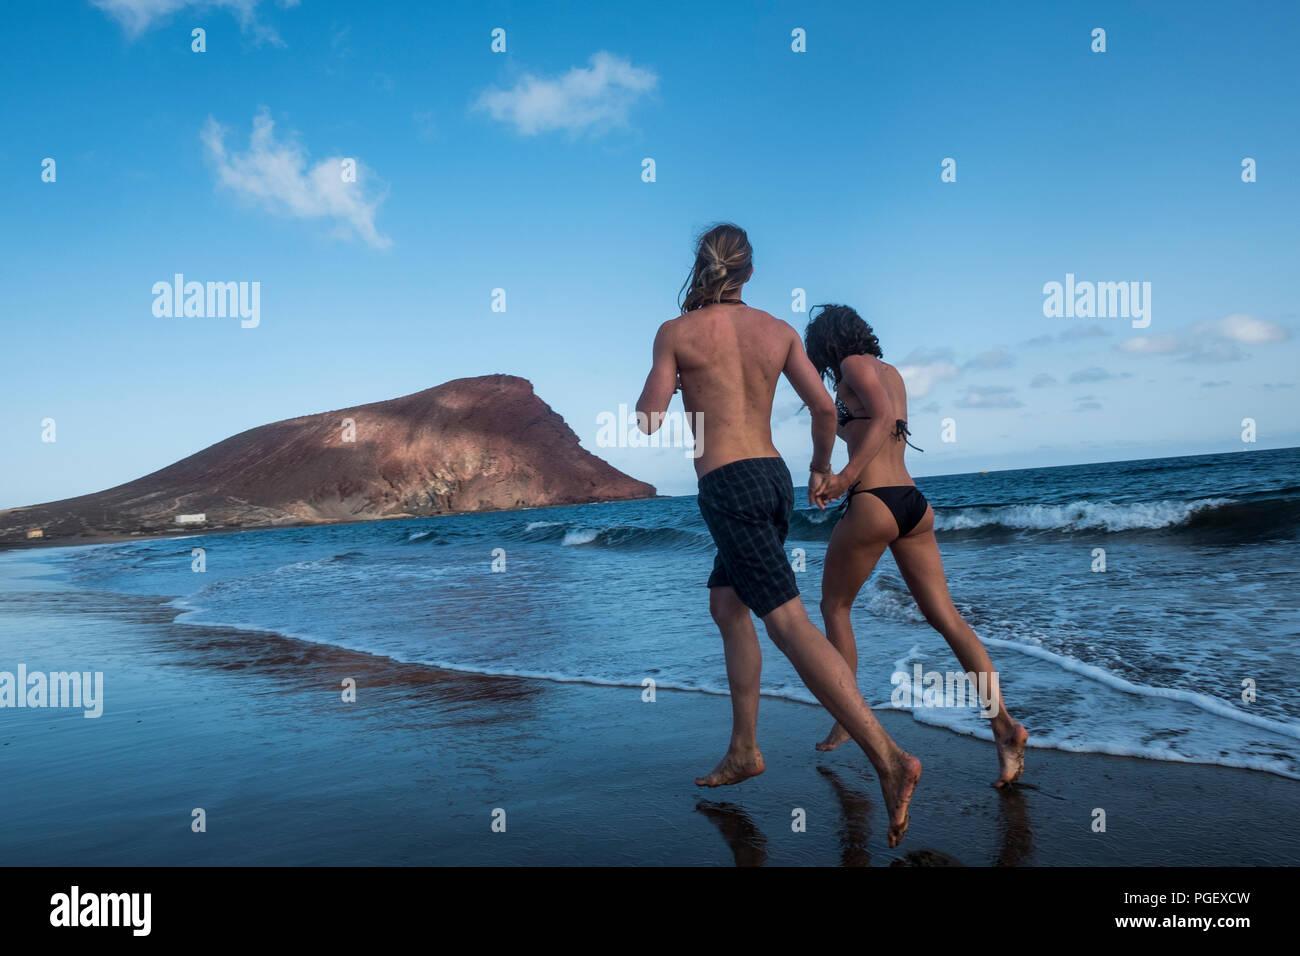 Paar junge Mann und die Frau, die auf dem Strand in der Nähe von thw Ozean. Outdoor Freizeitaktivitäten Aktivität für glückliche Paare der Reisenden während der Sommerferien. Wunder Stockbild